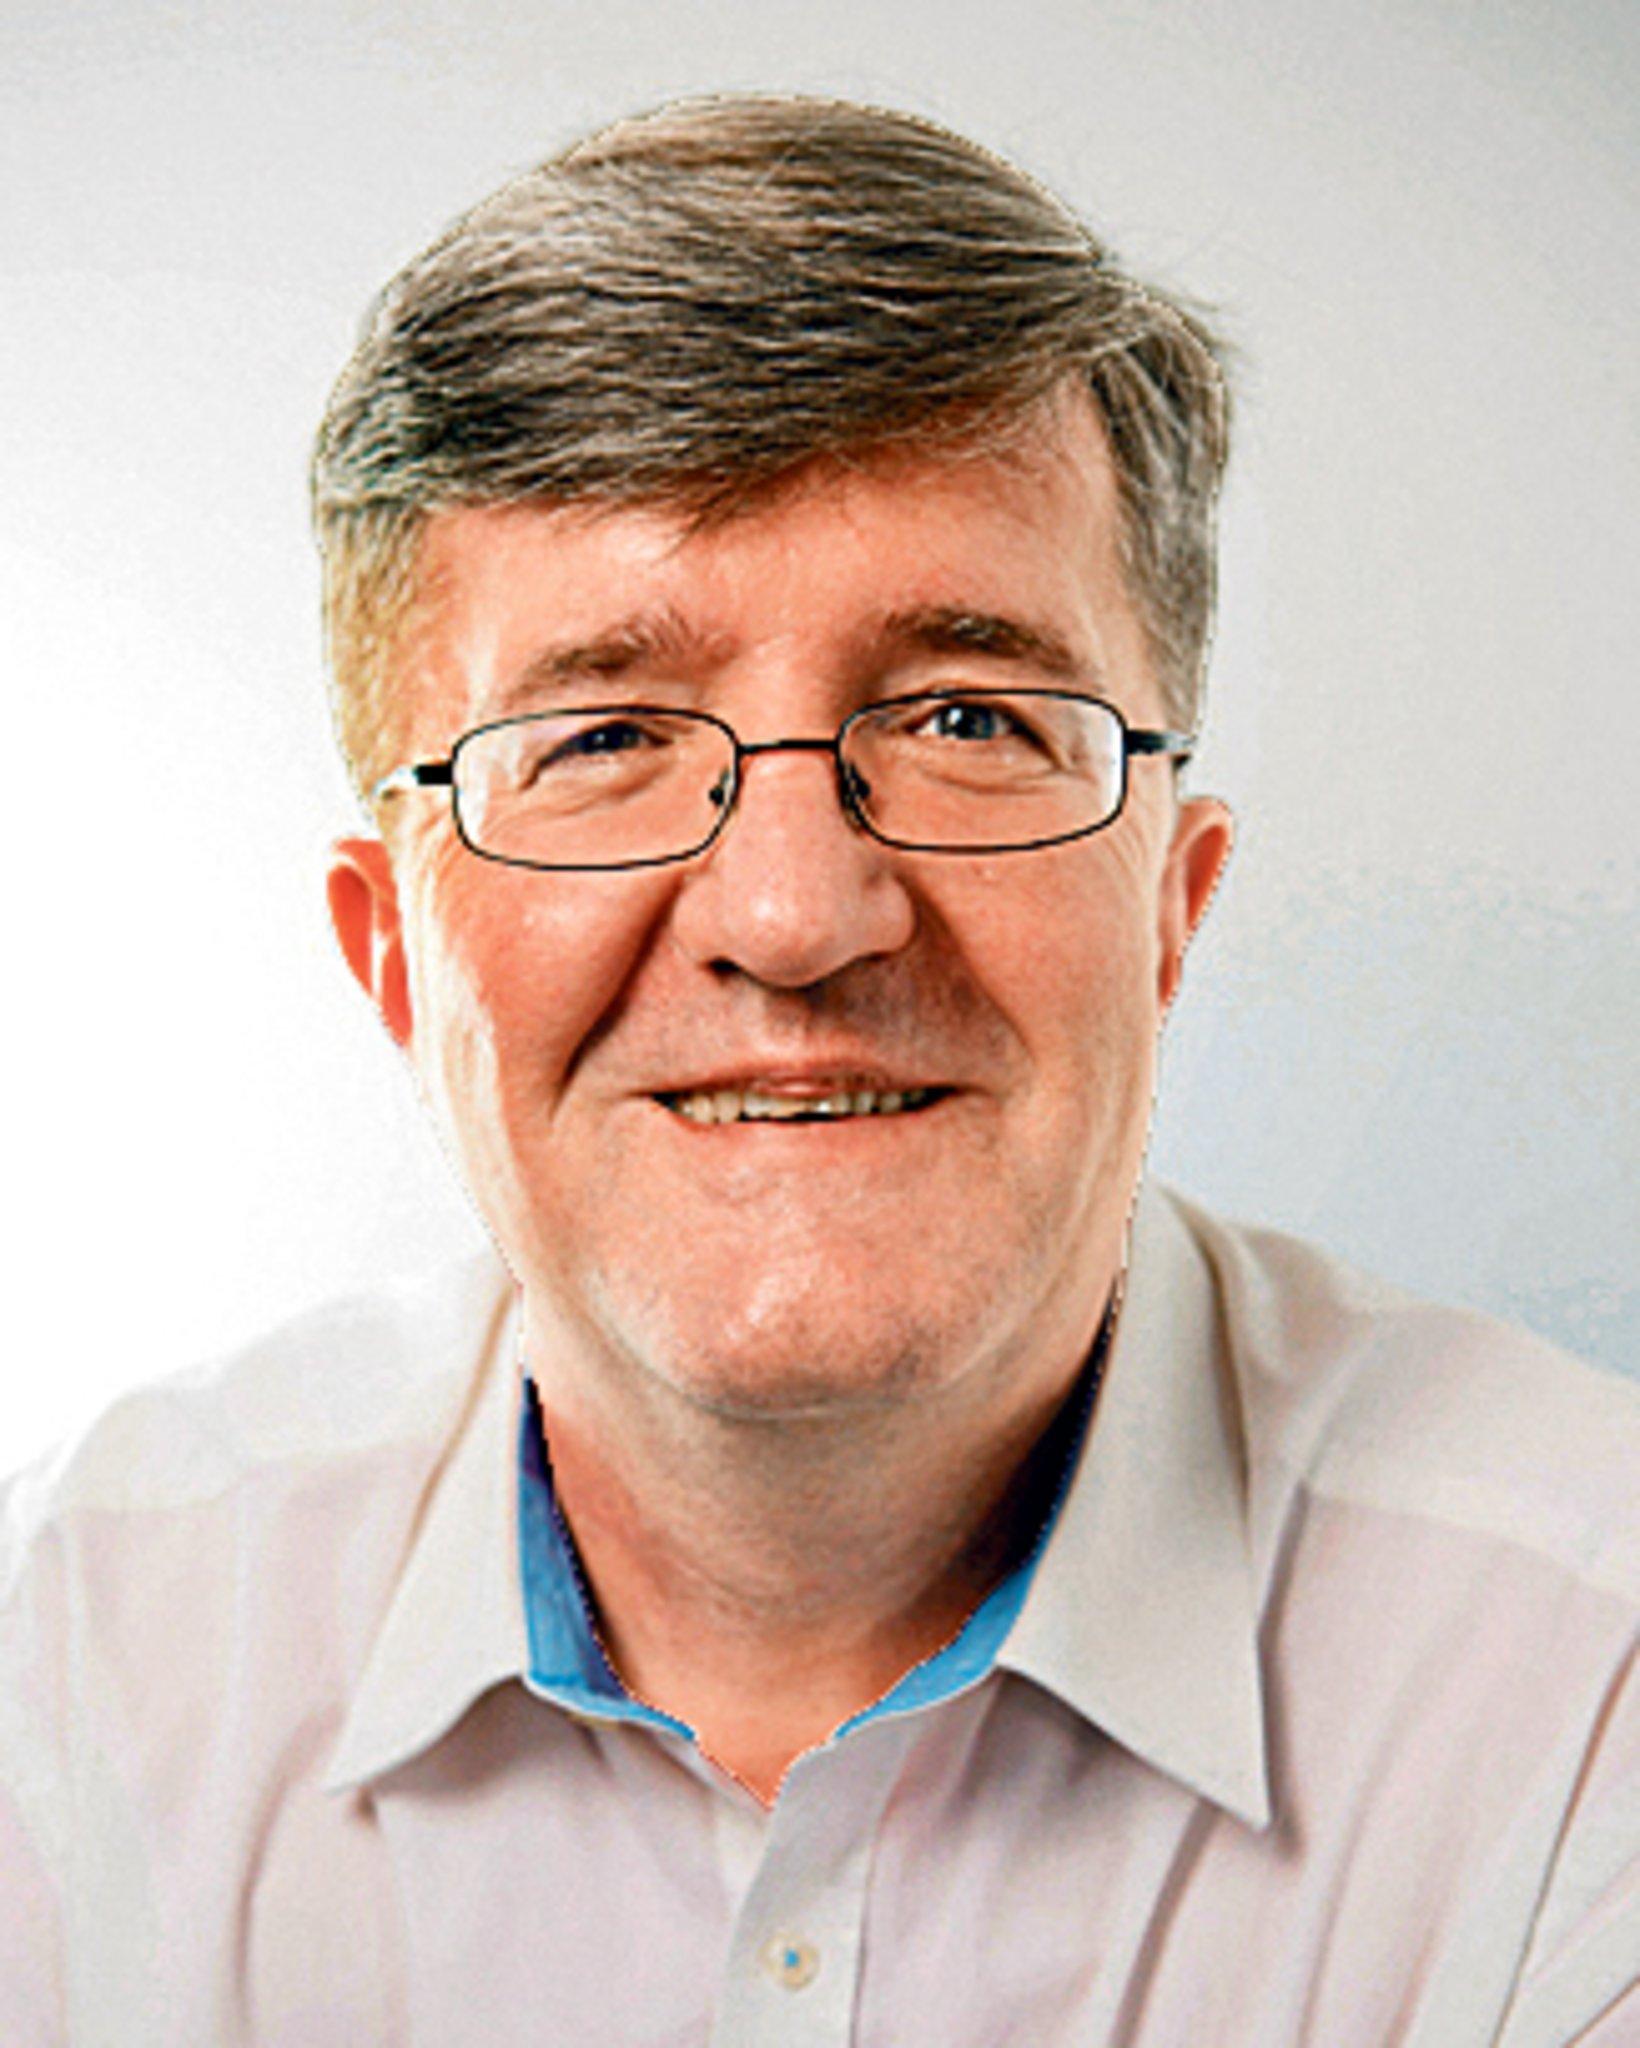 Stefan Kronthaler